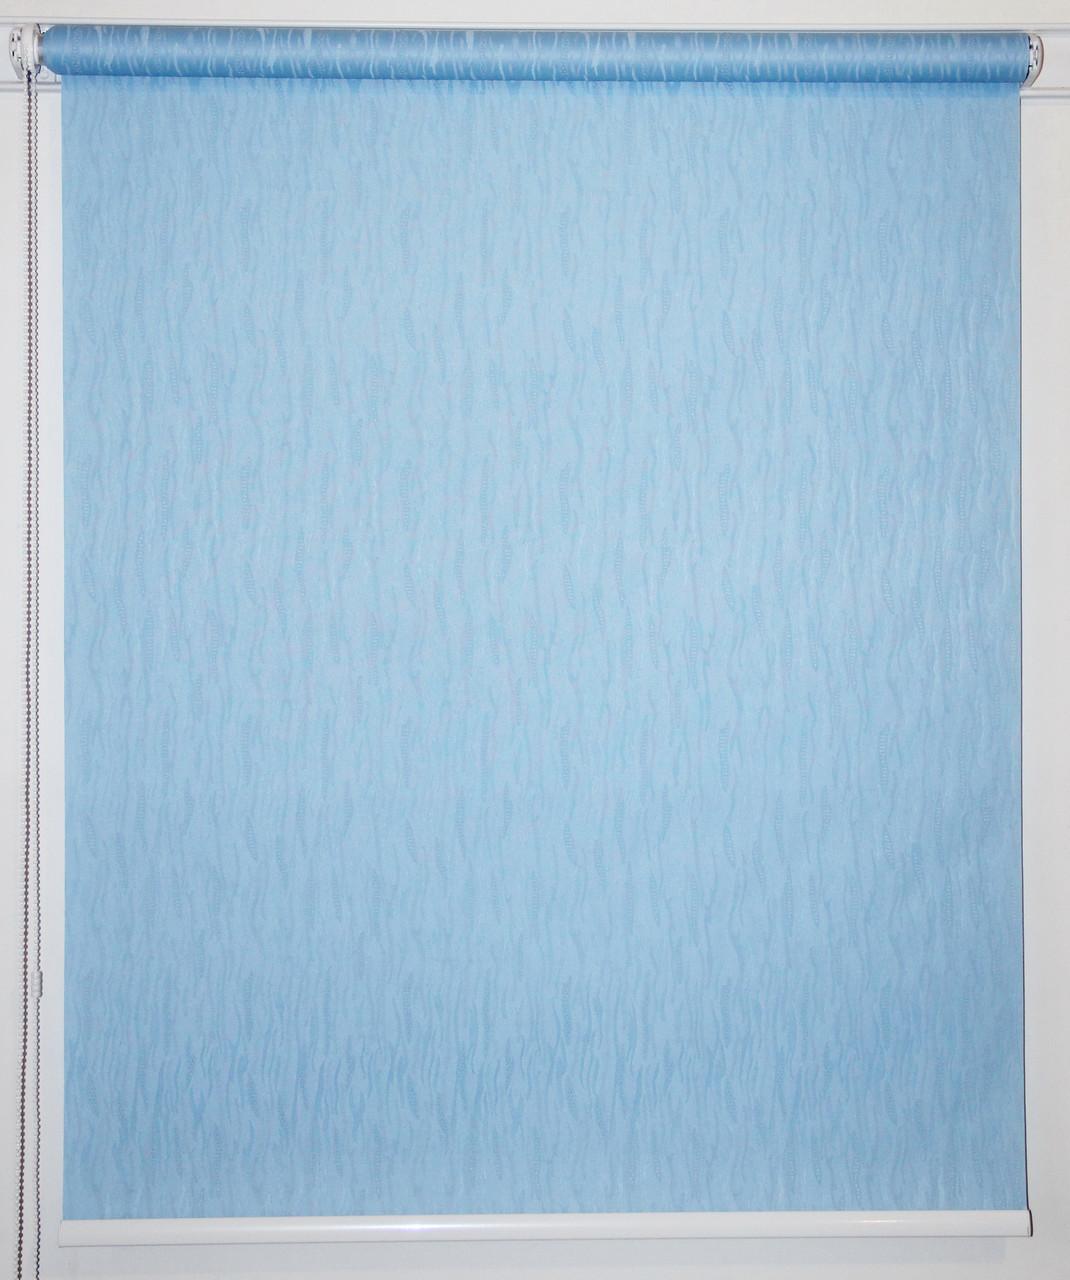 Готовые рулонные шторы 500*1500 Ткань Лазурь 2074 Голубой